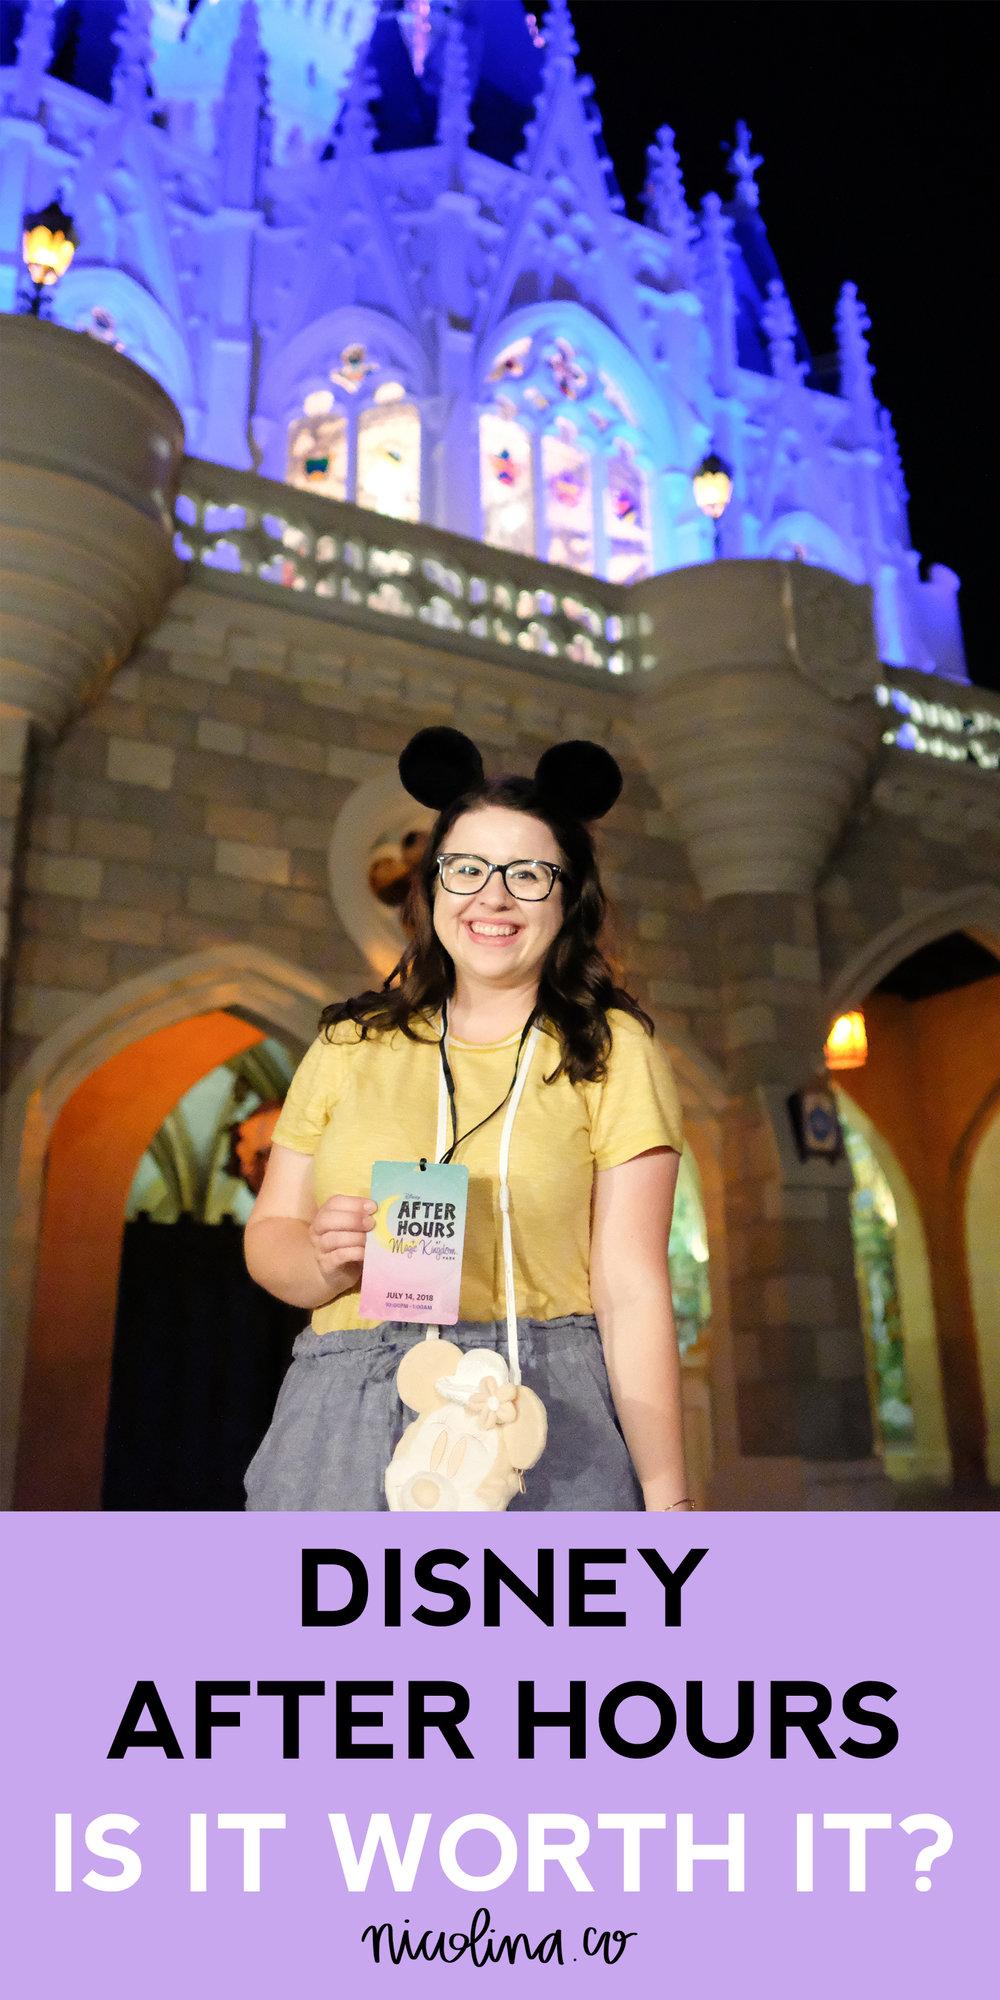 DisneyAfterHours_3.jpg